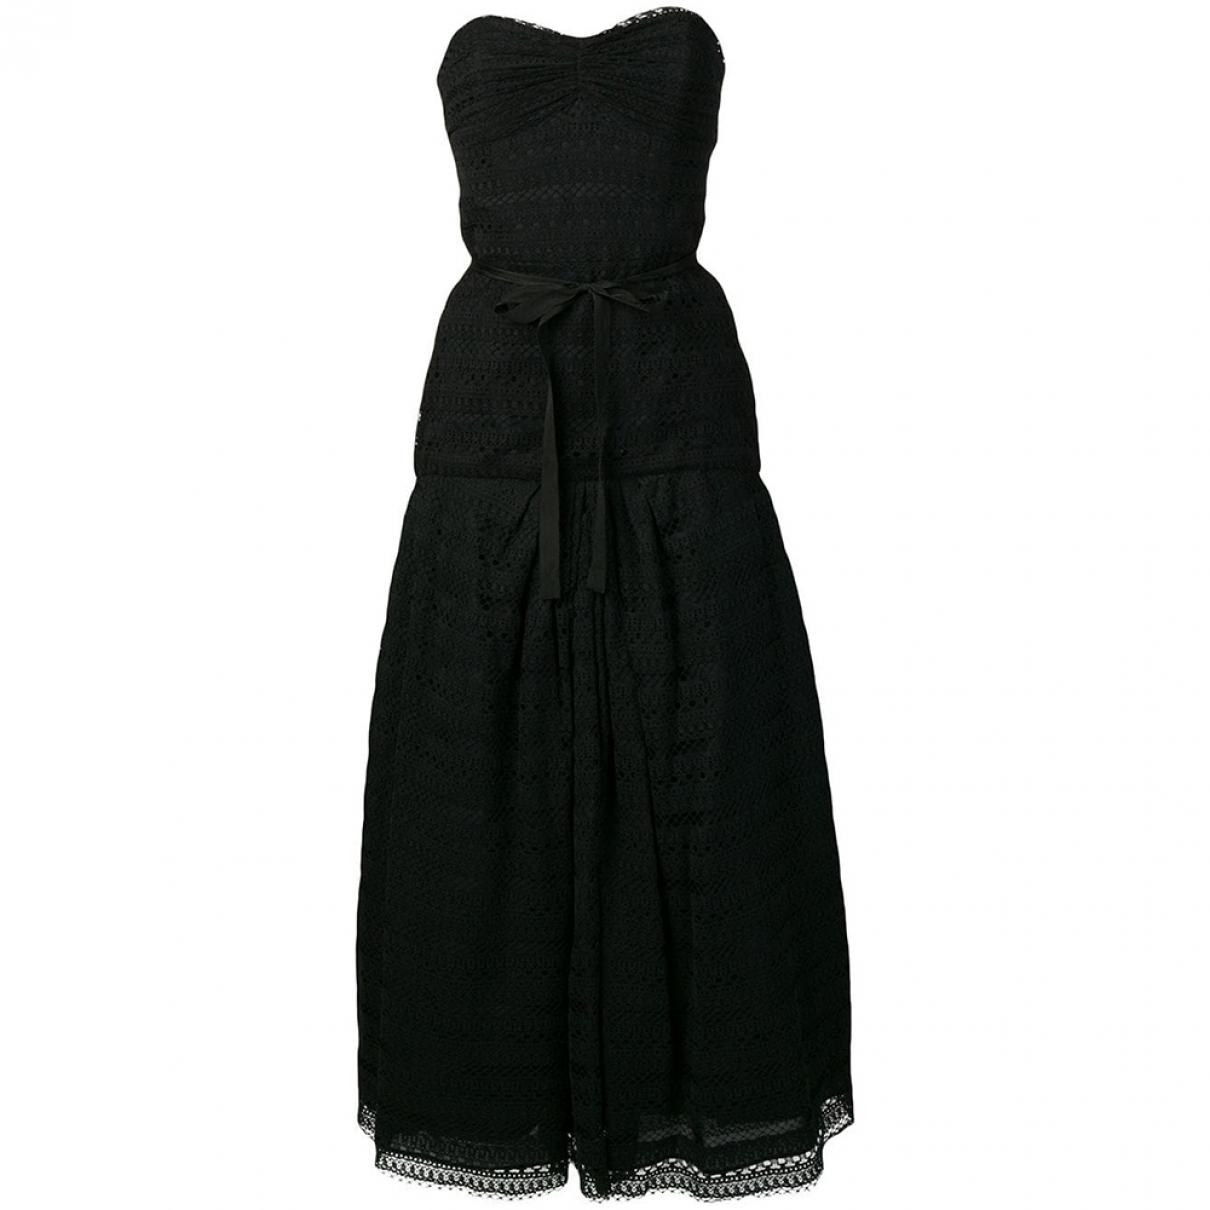 Monique Lhuillier \N Black Cotton dress for Women 10 UK